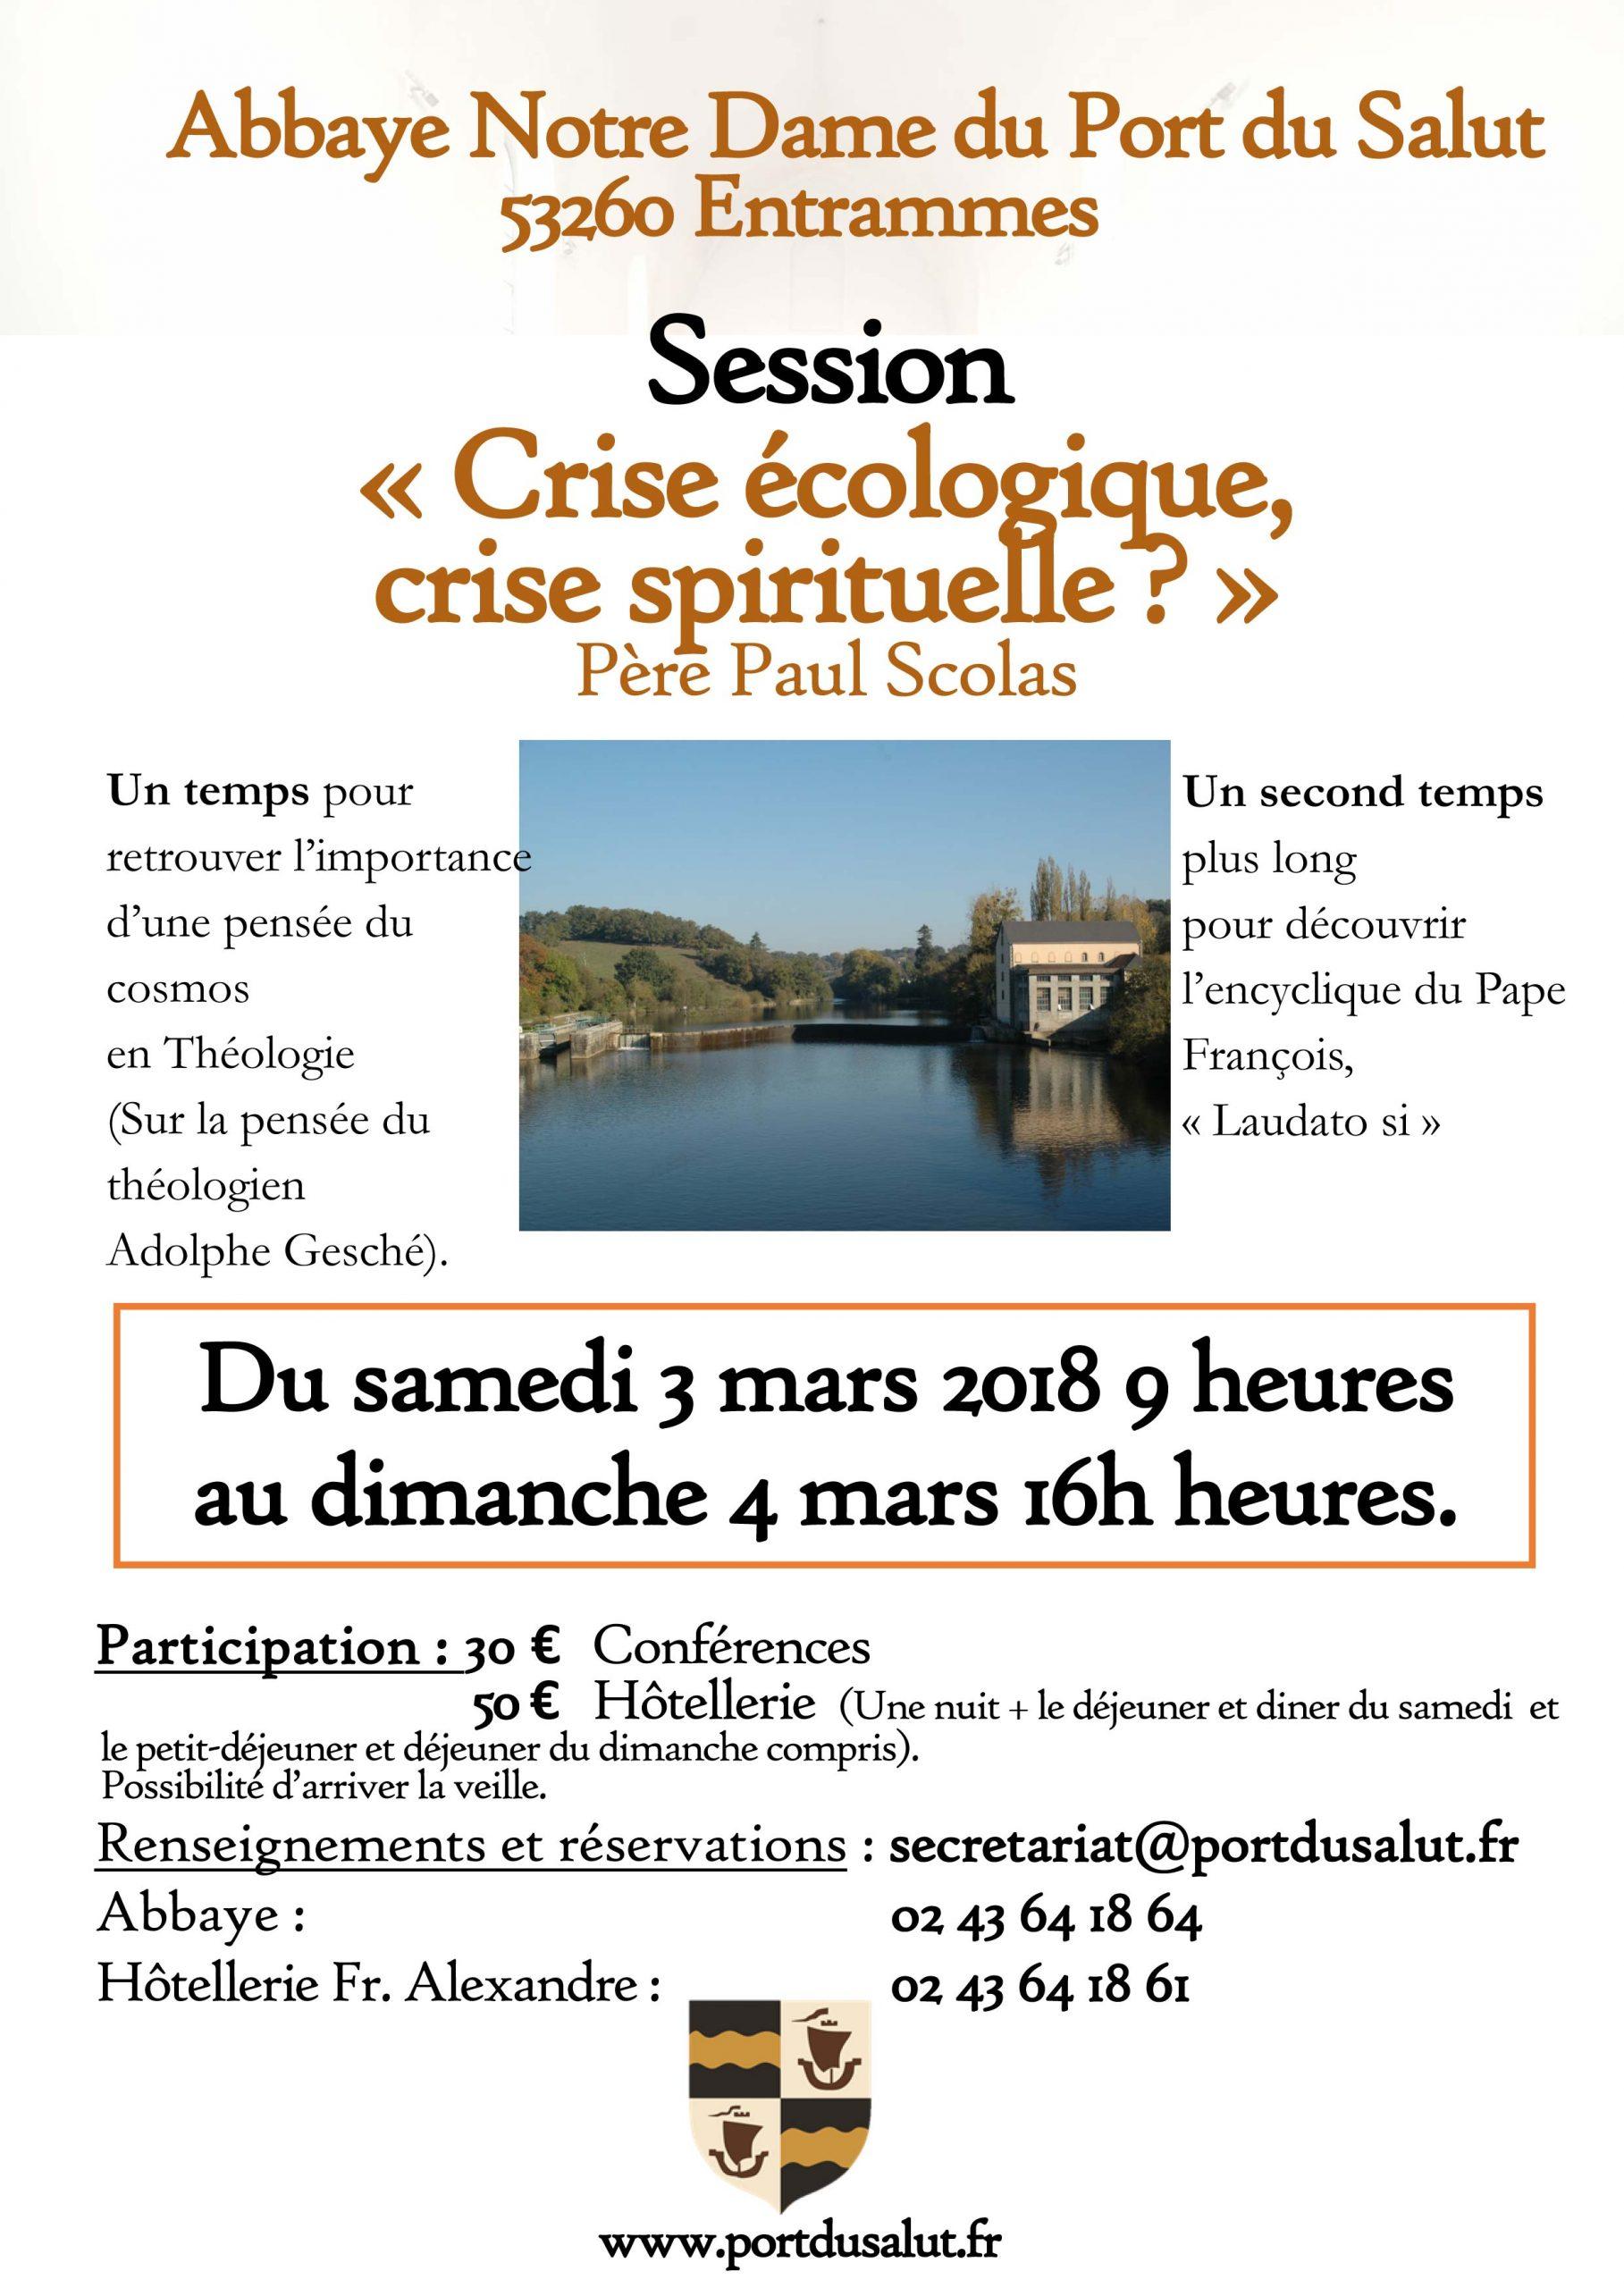 «Crise écologique, crise spirituelle?» – Retraite à l'Abbaye Notre-Dame du Port du Salut du 3 au 4 mars 2018